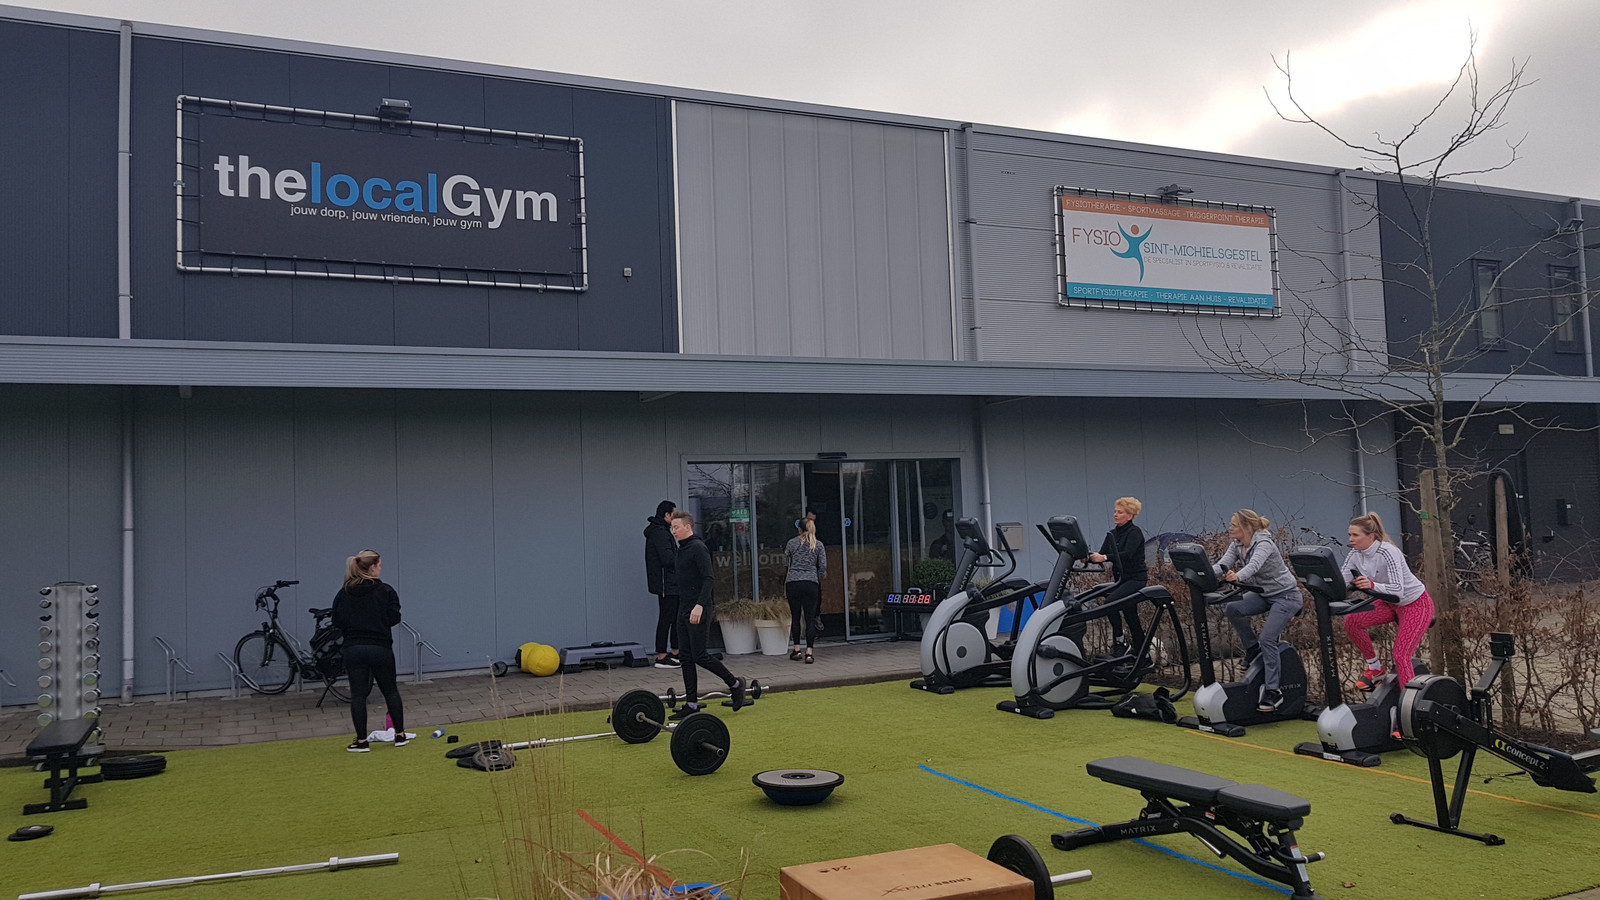 Outdoor sport bij thelocalGym in Sint-Michielsgestel.